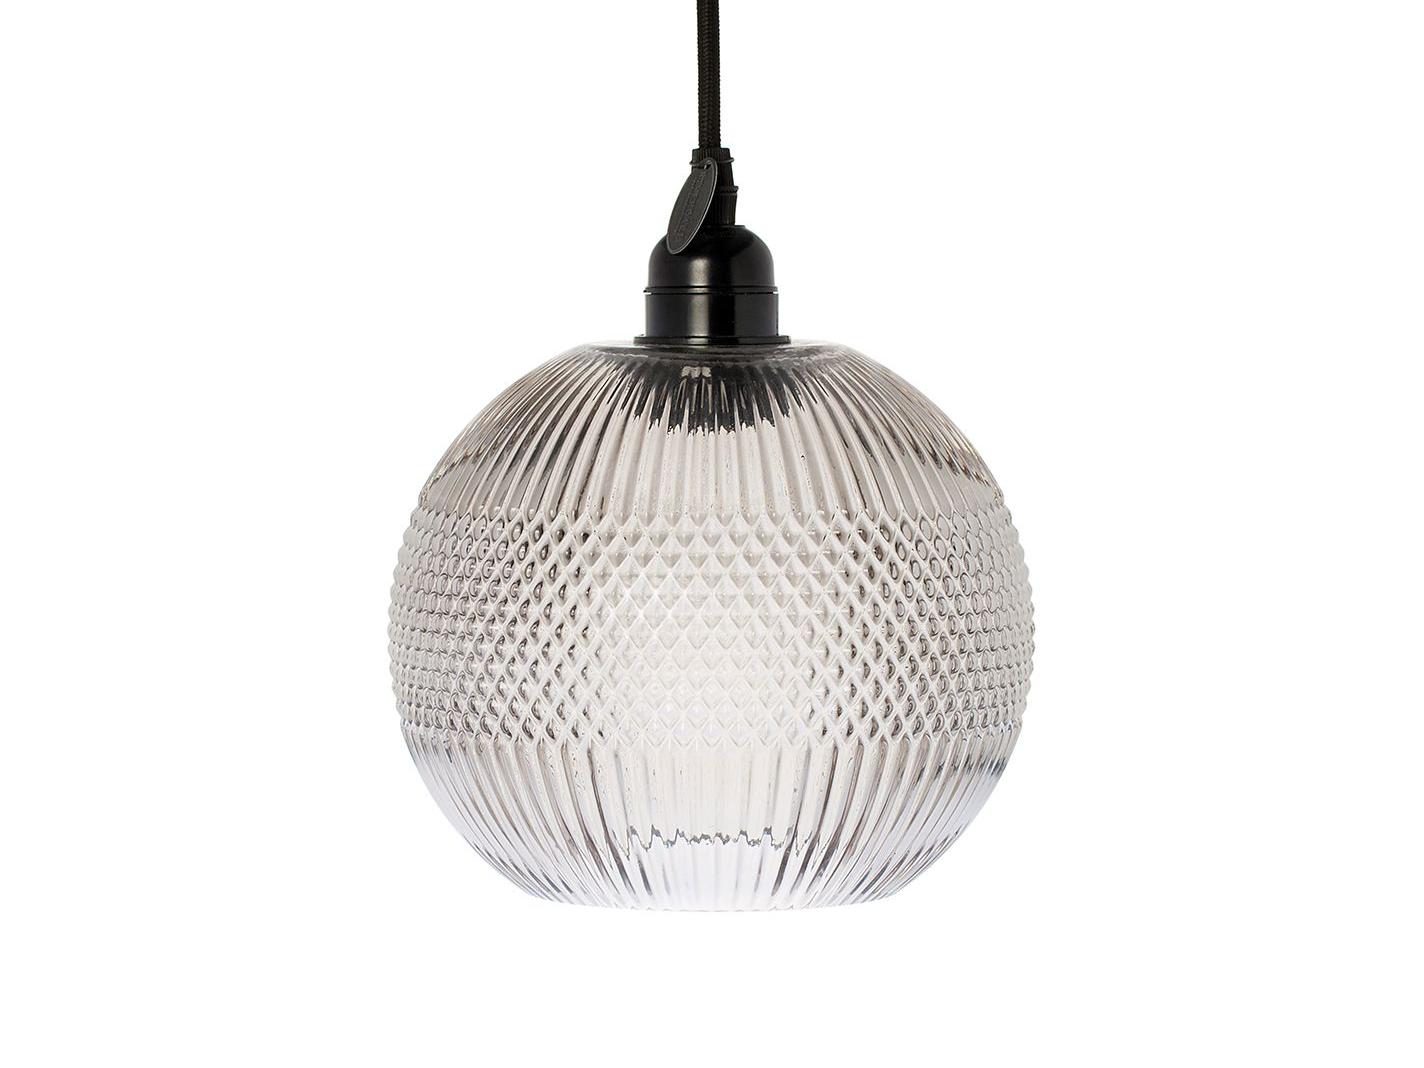 Hanglamp \'Vernon\' - kleur: Smoke glas | DEBA Meubelen